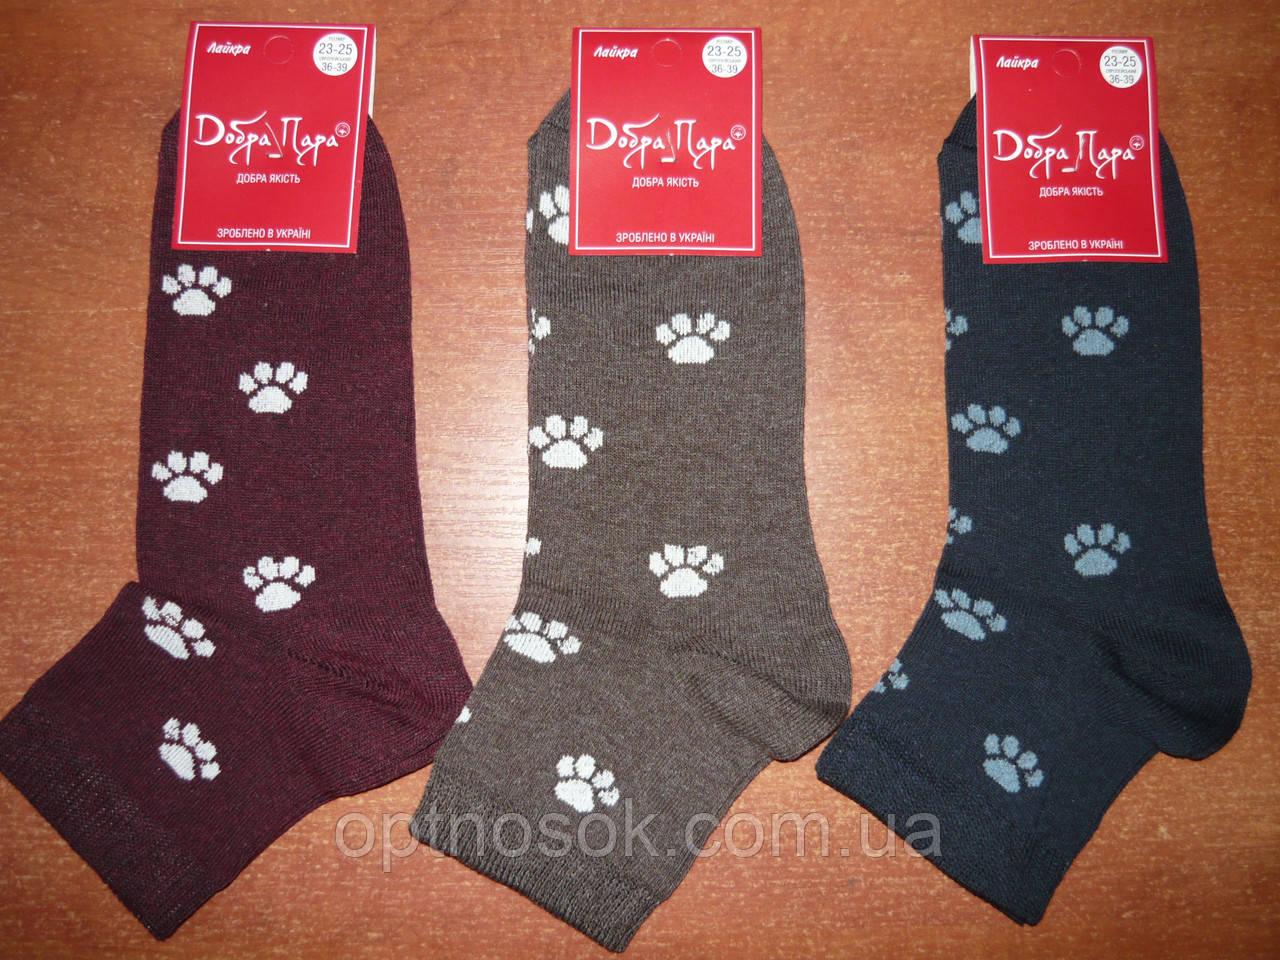 """Жіночі шкарпетки """"Добра Пара"""". Лапки. р. 23-25 (36 - 39). Бавовна. ."""